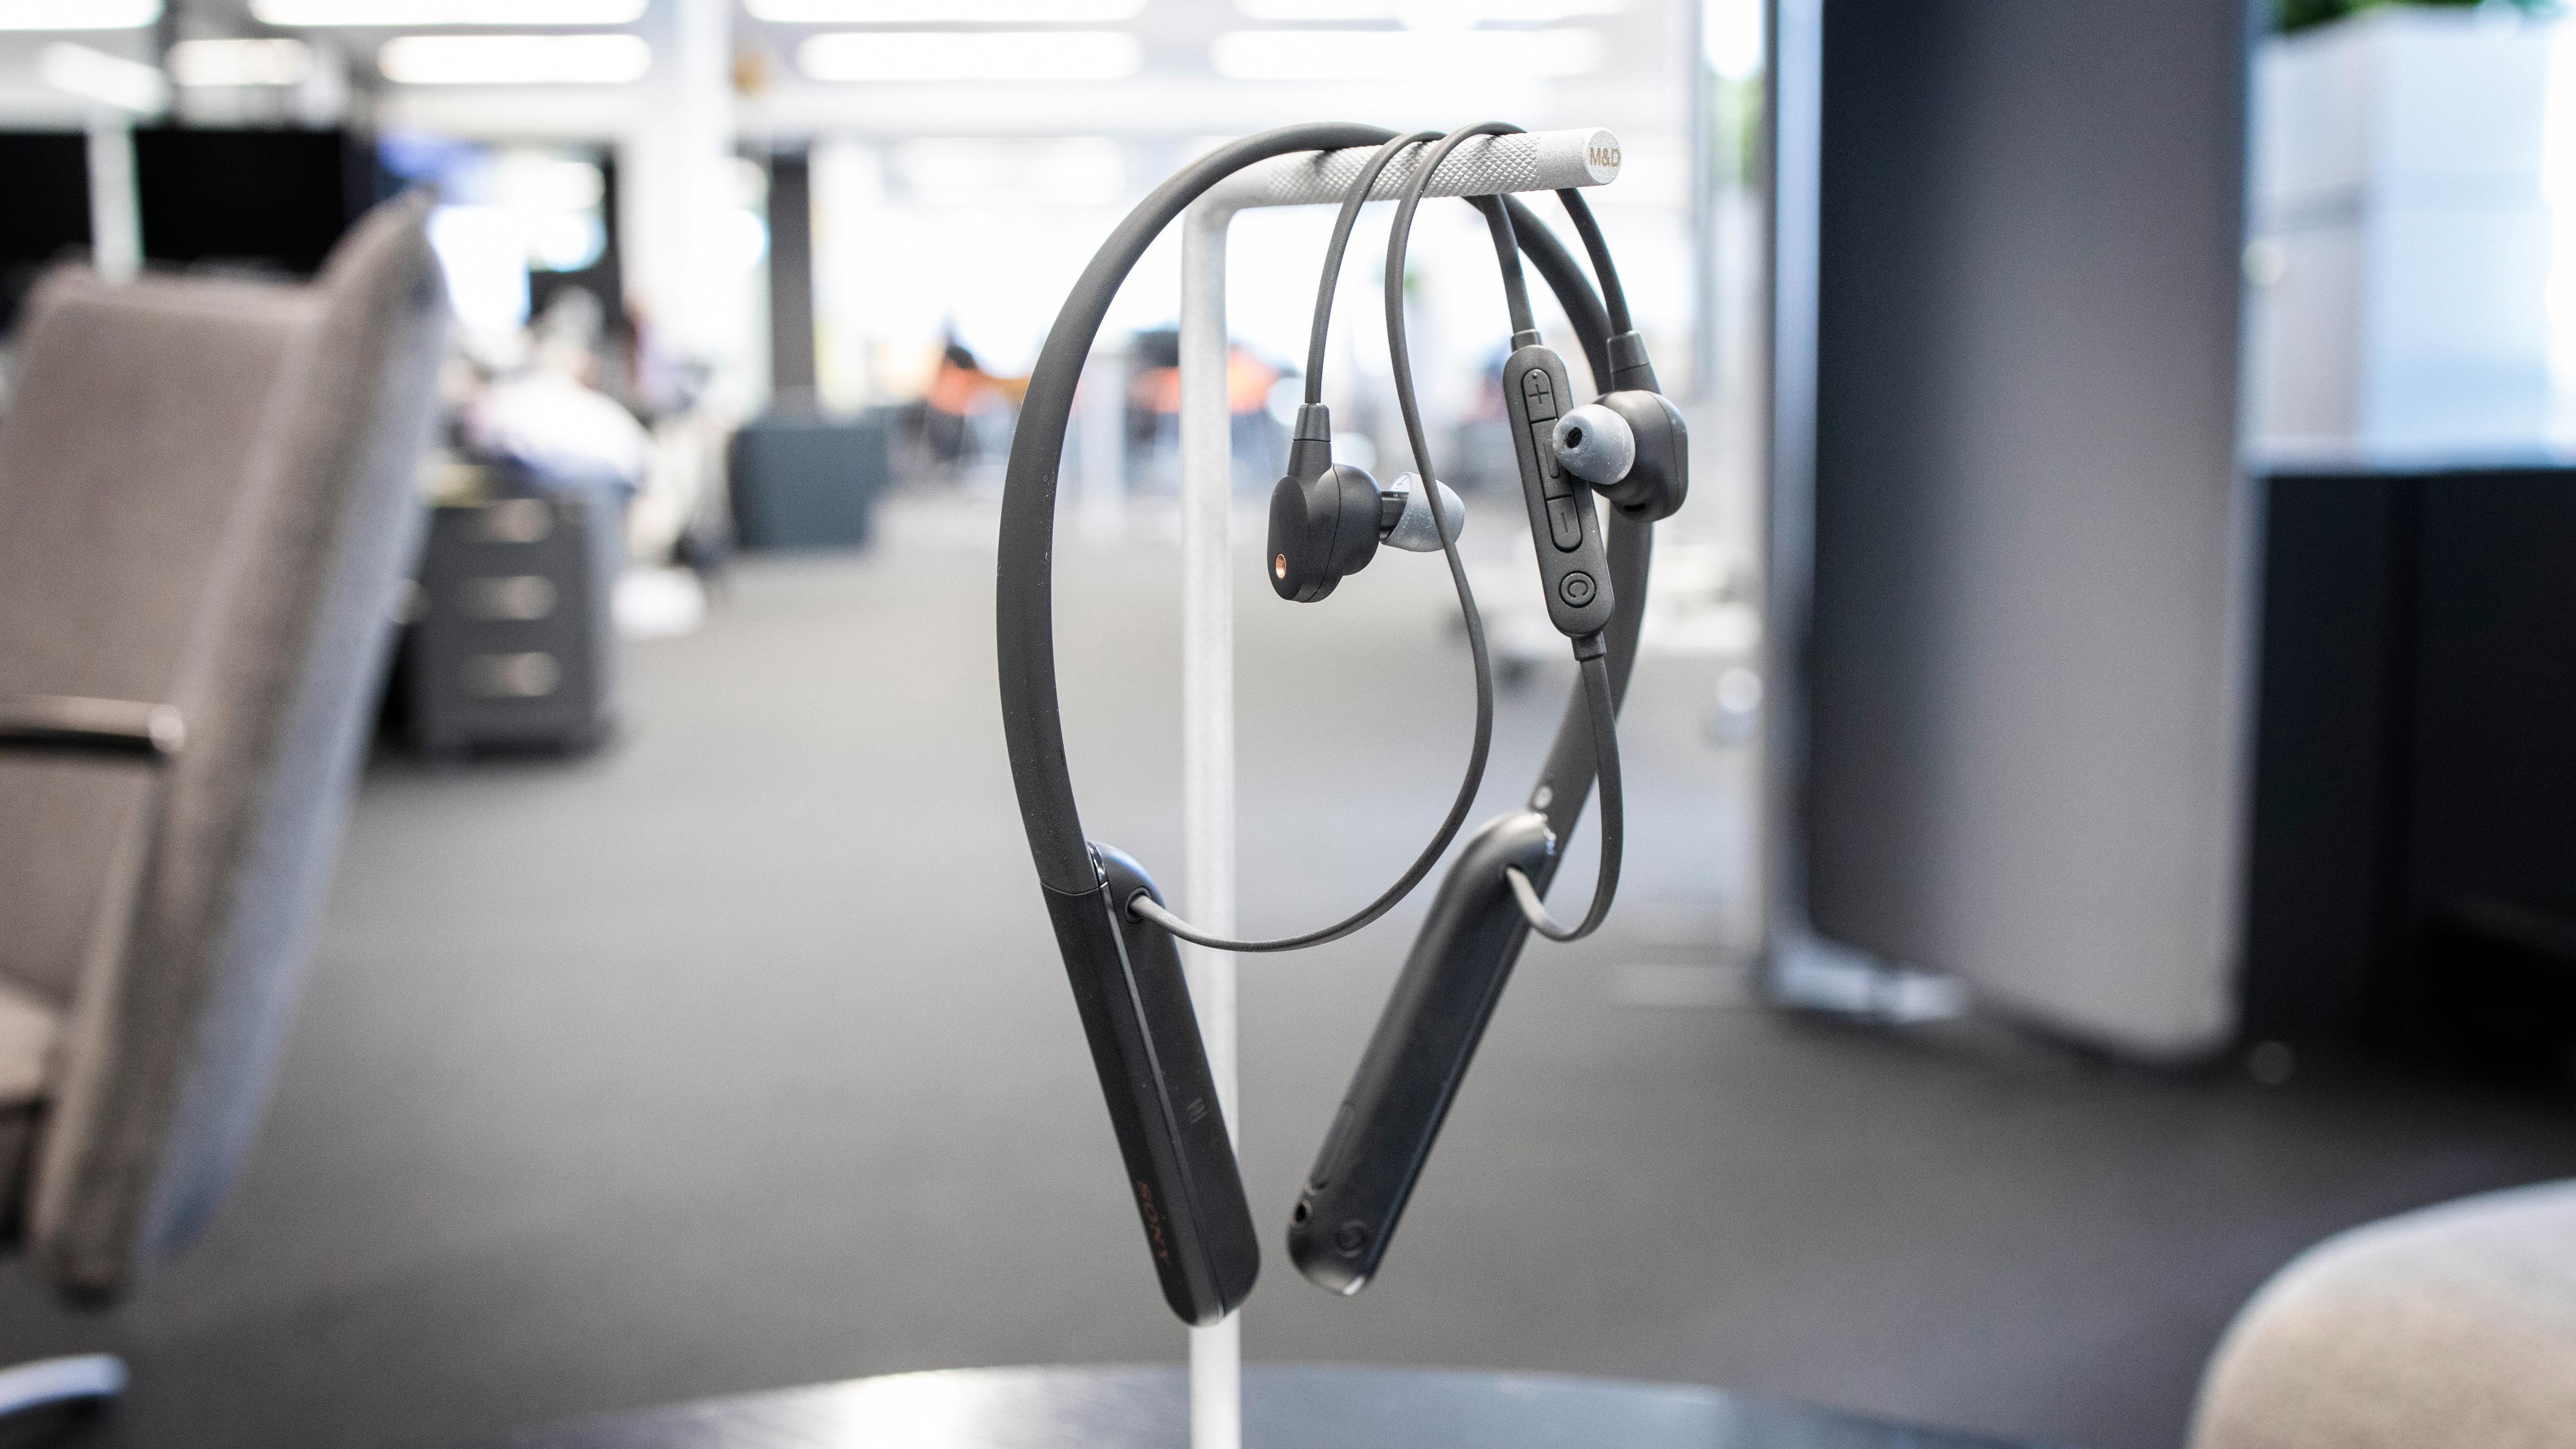 Sony WI-1000XM2 kommer blant annet med en mykere silikonbøyle og oppgradert støydemping fra forgjengeren 1000X.